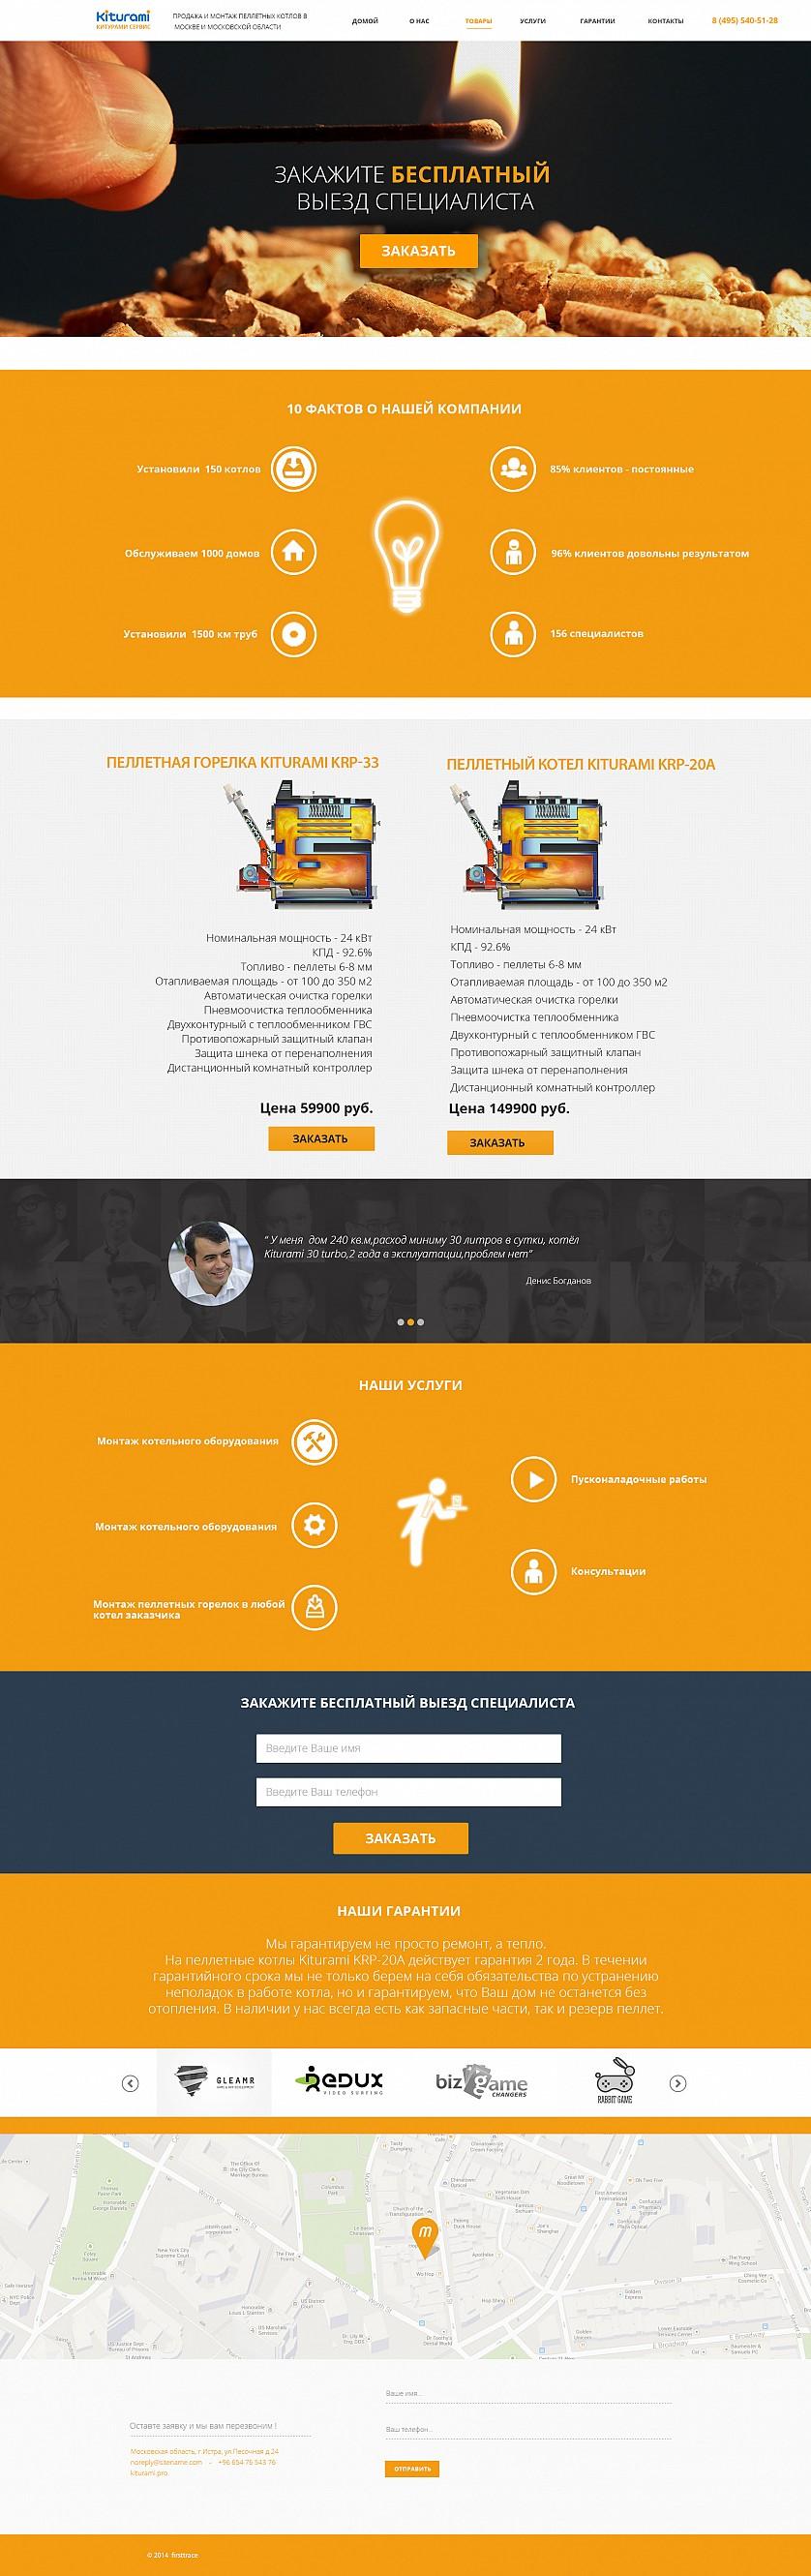 Доработать дизайн главной страницы сайта фото f_501574acda4ef0a2.jpg